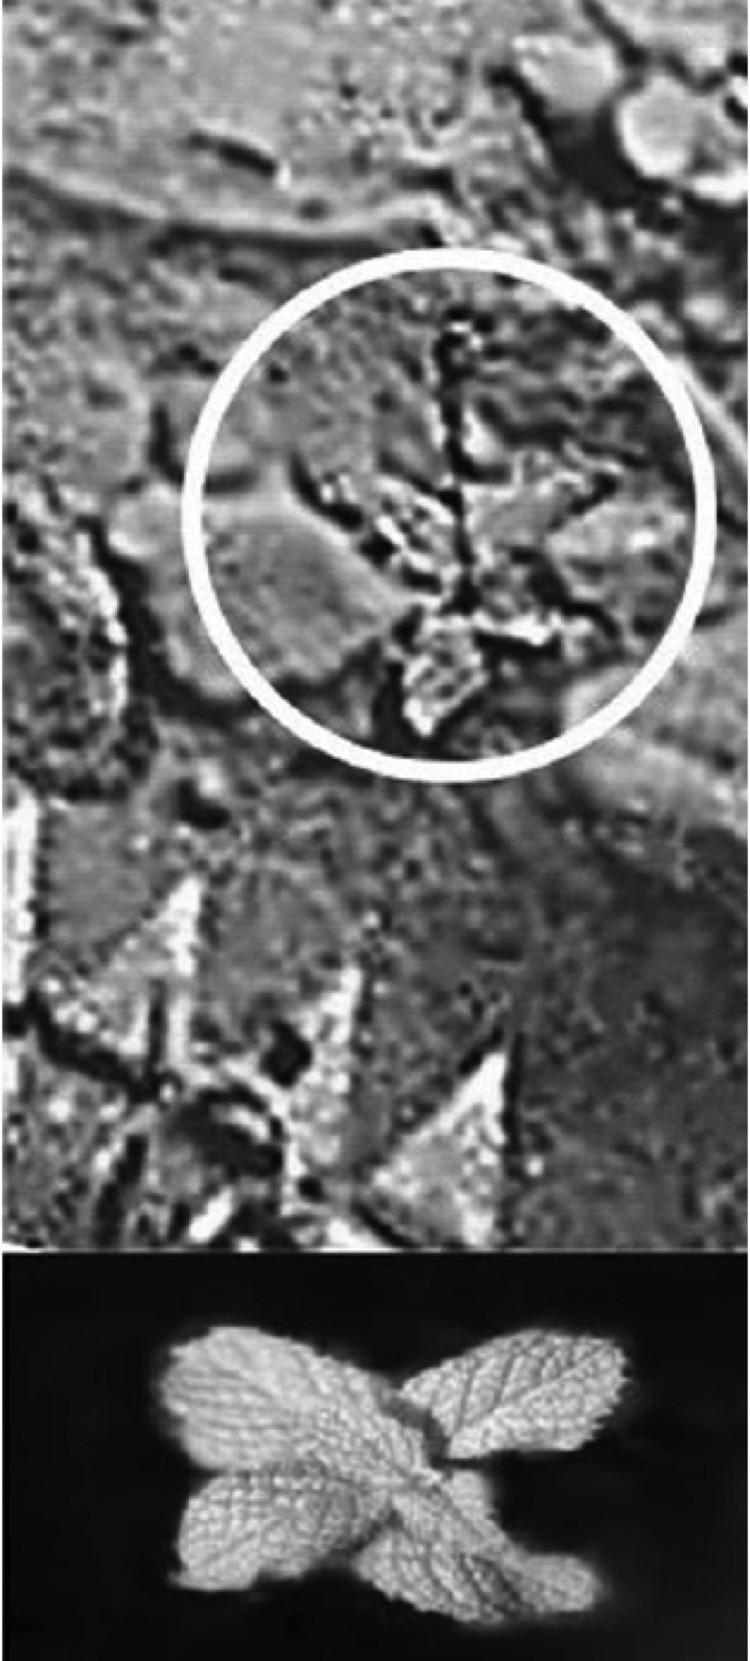 Бутон на стебле с листочками у поверхности. Внизу - земные листочки для сравнения.